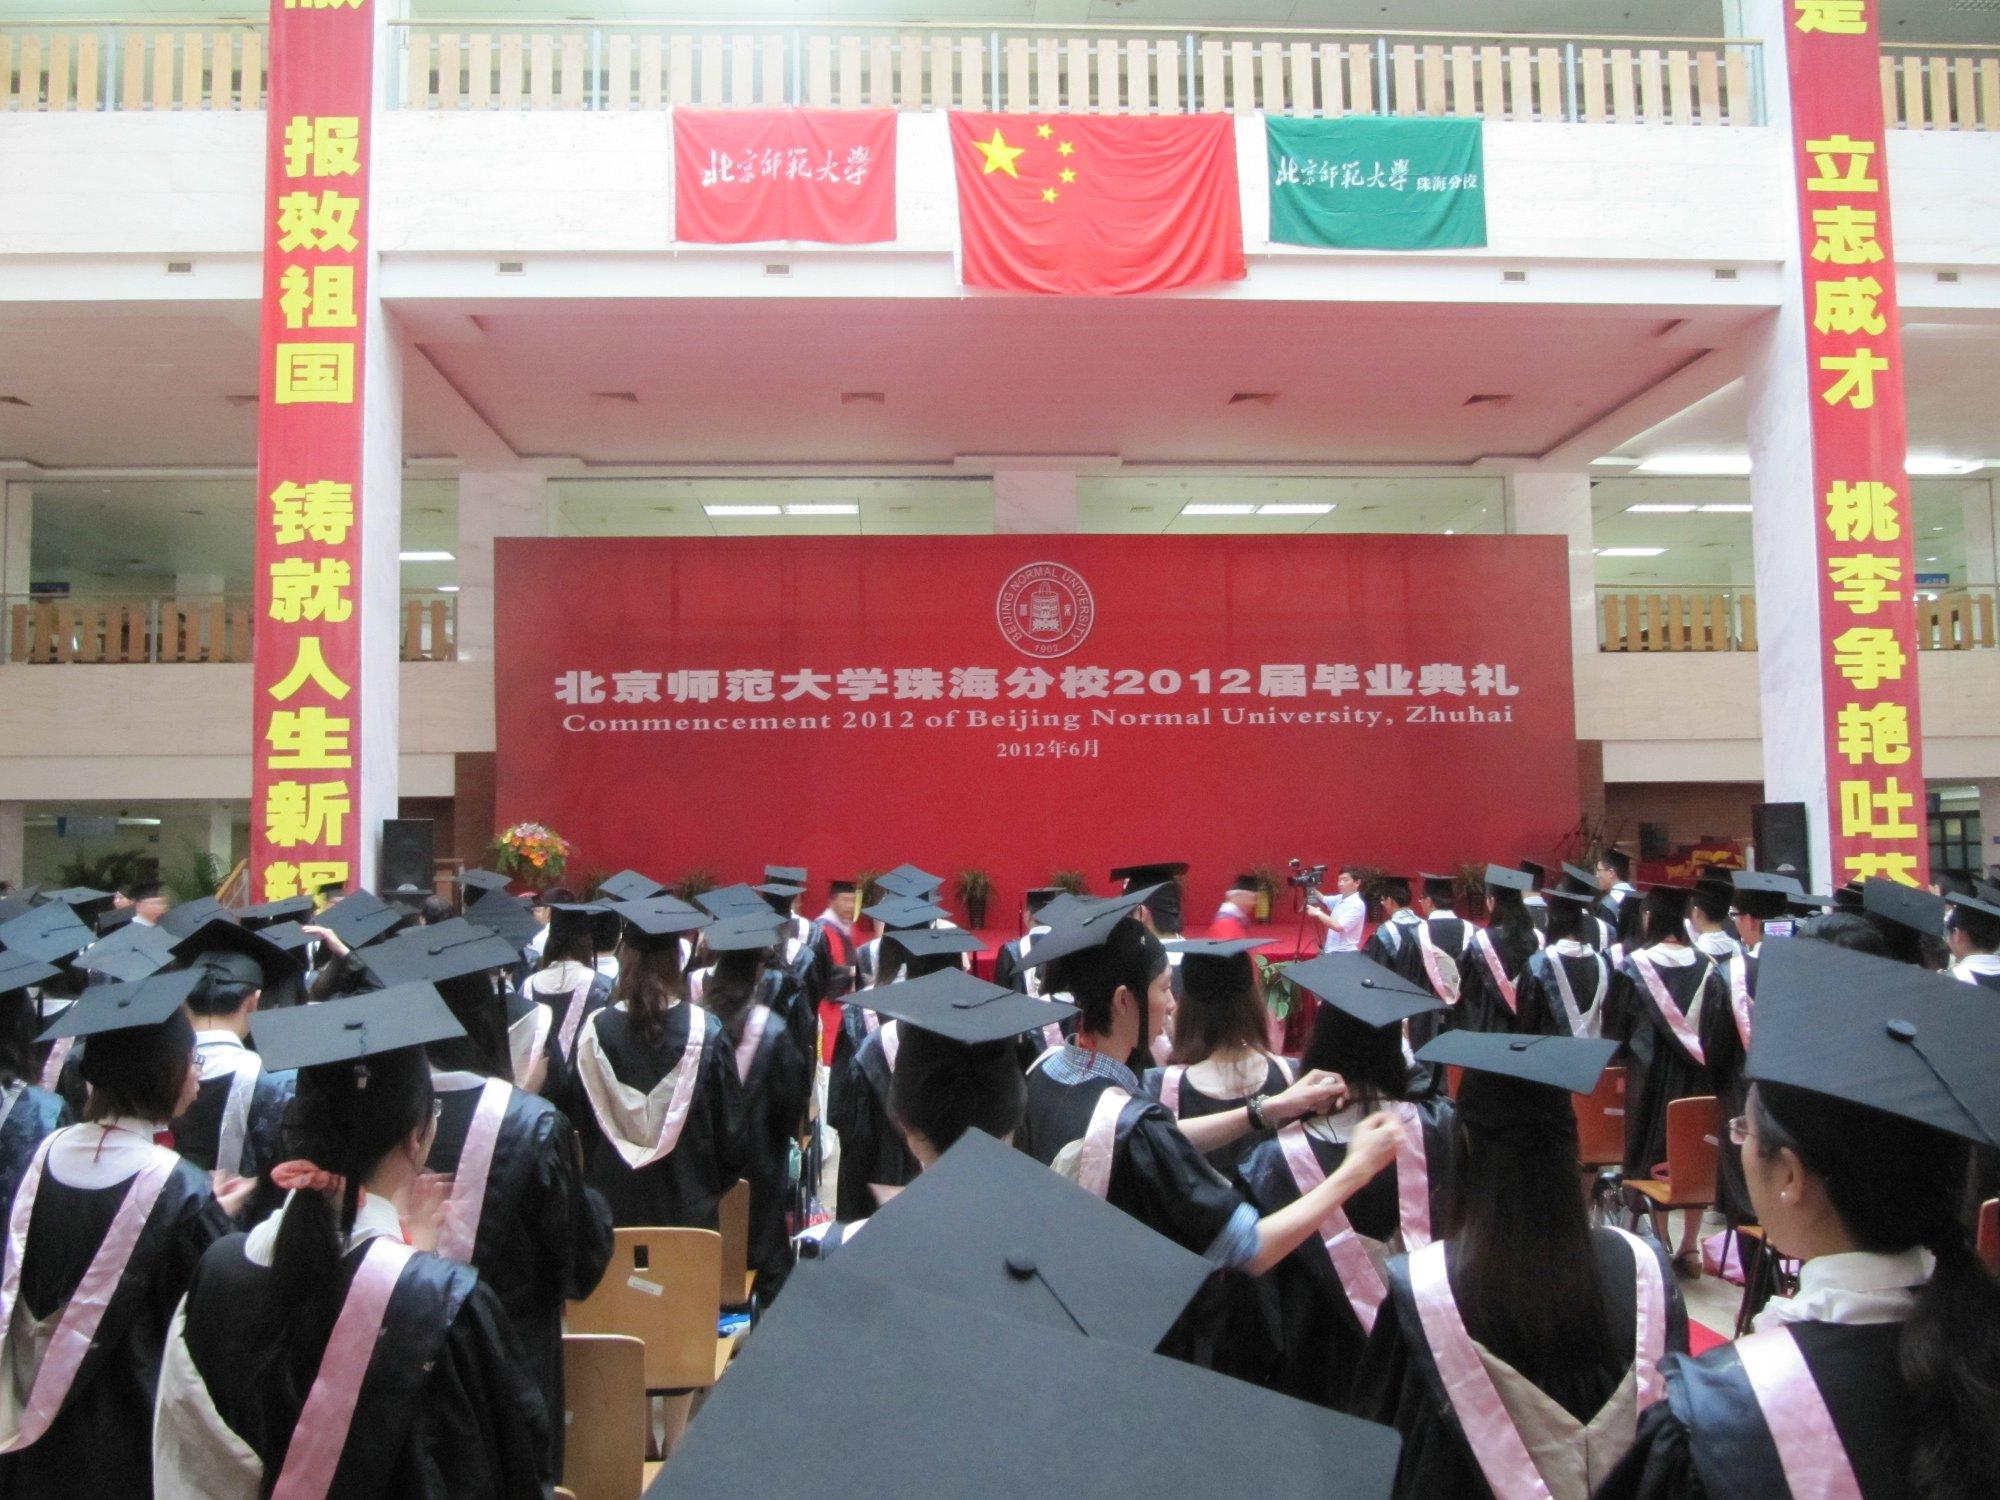 提前参加了优秀毕业生专场毕业典礼